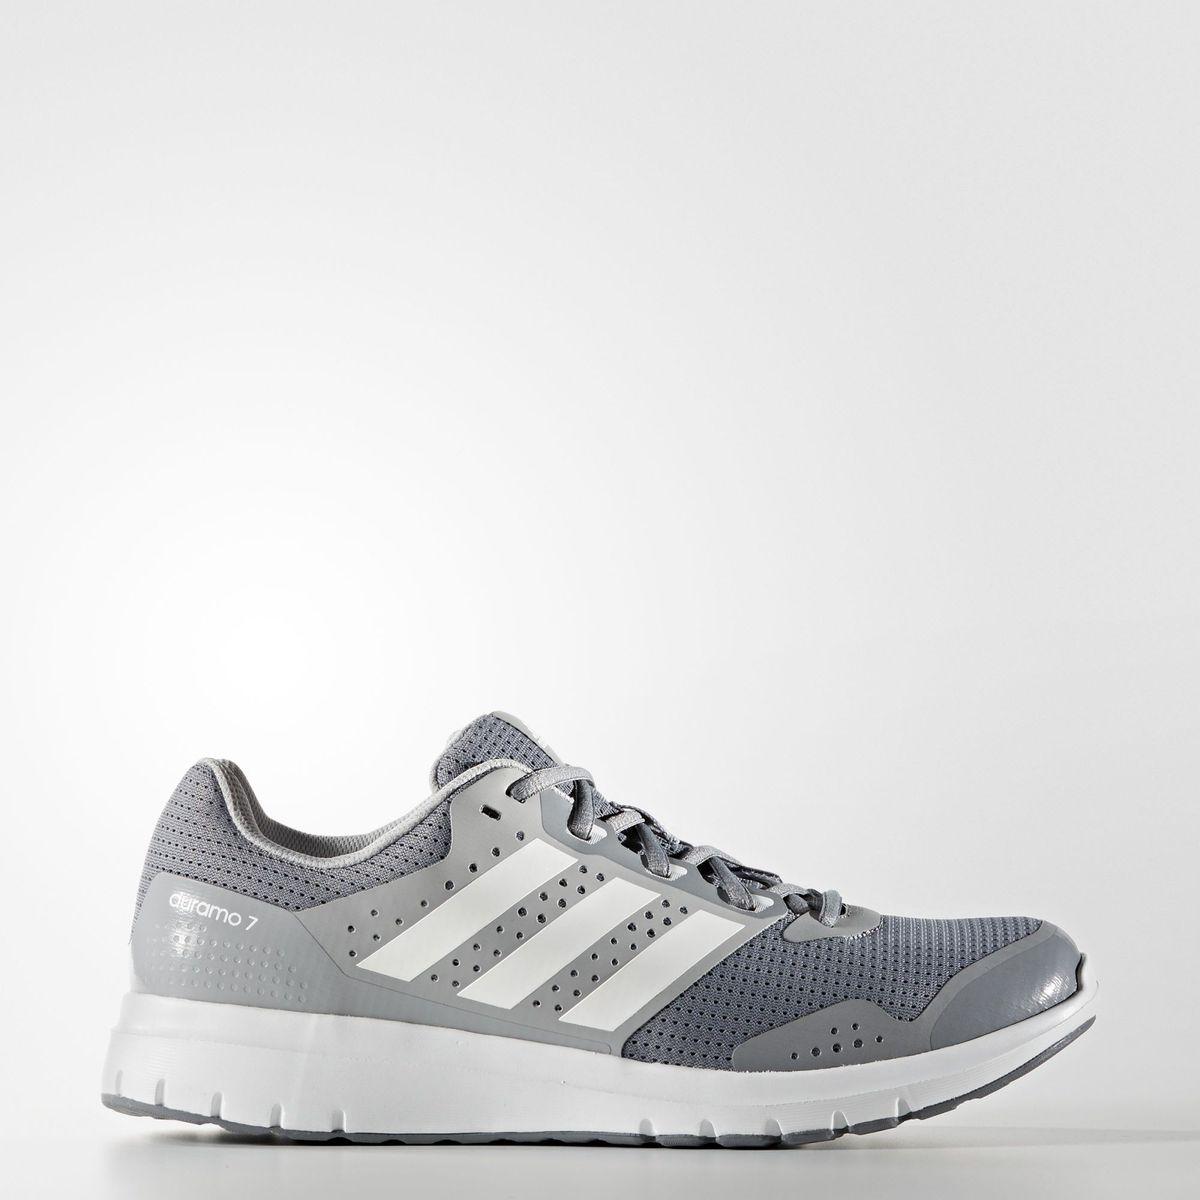 uomini è compra adidas duramo 7 scarpe compra è online in sud africa 6deae0